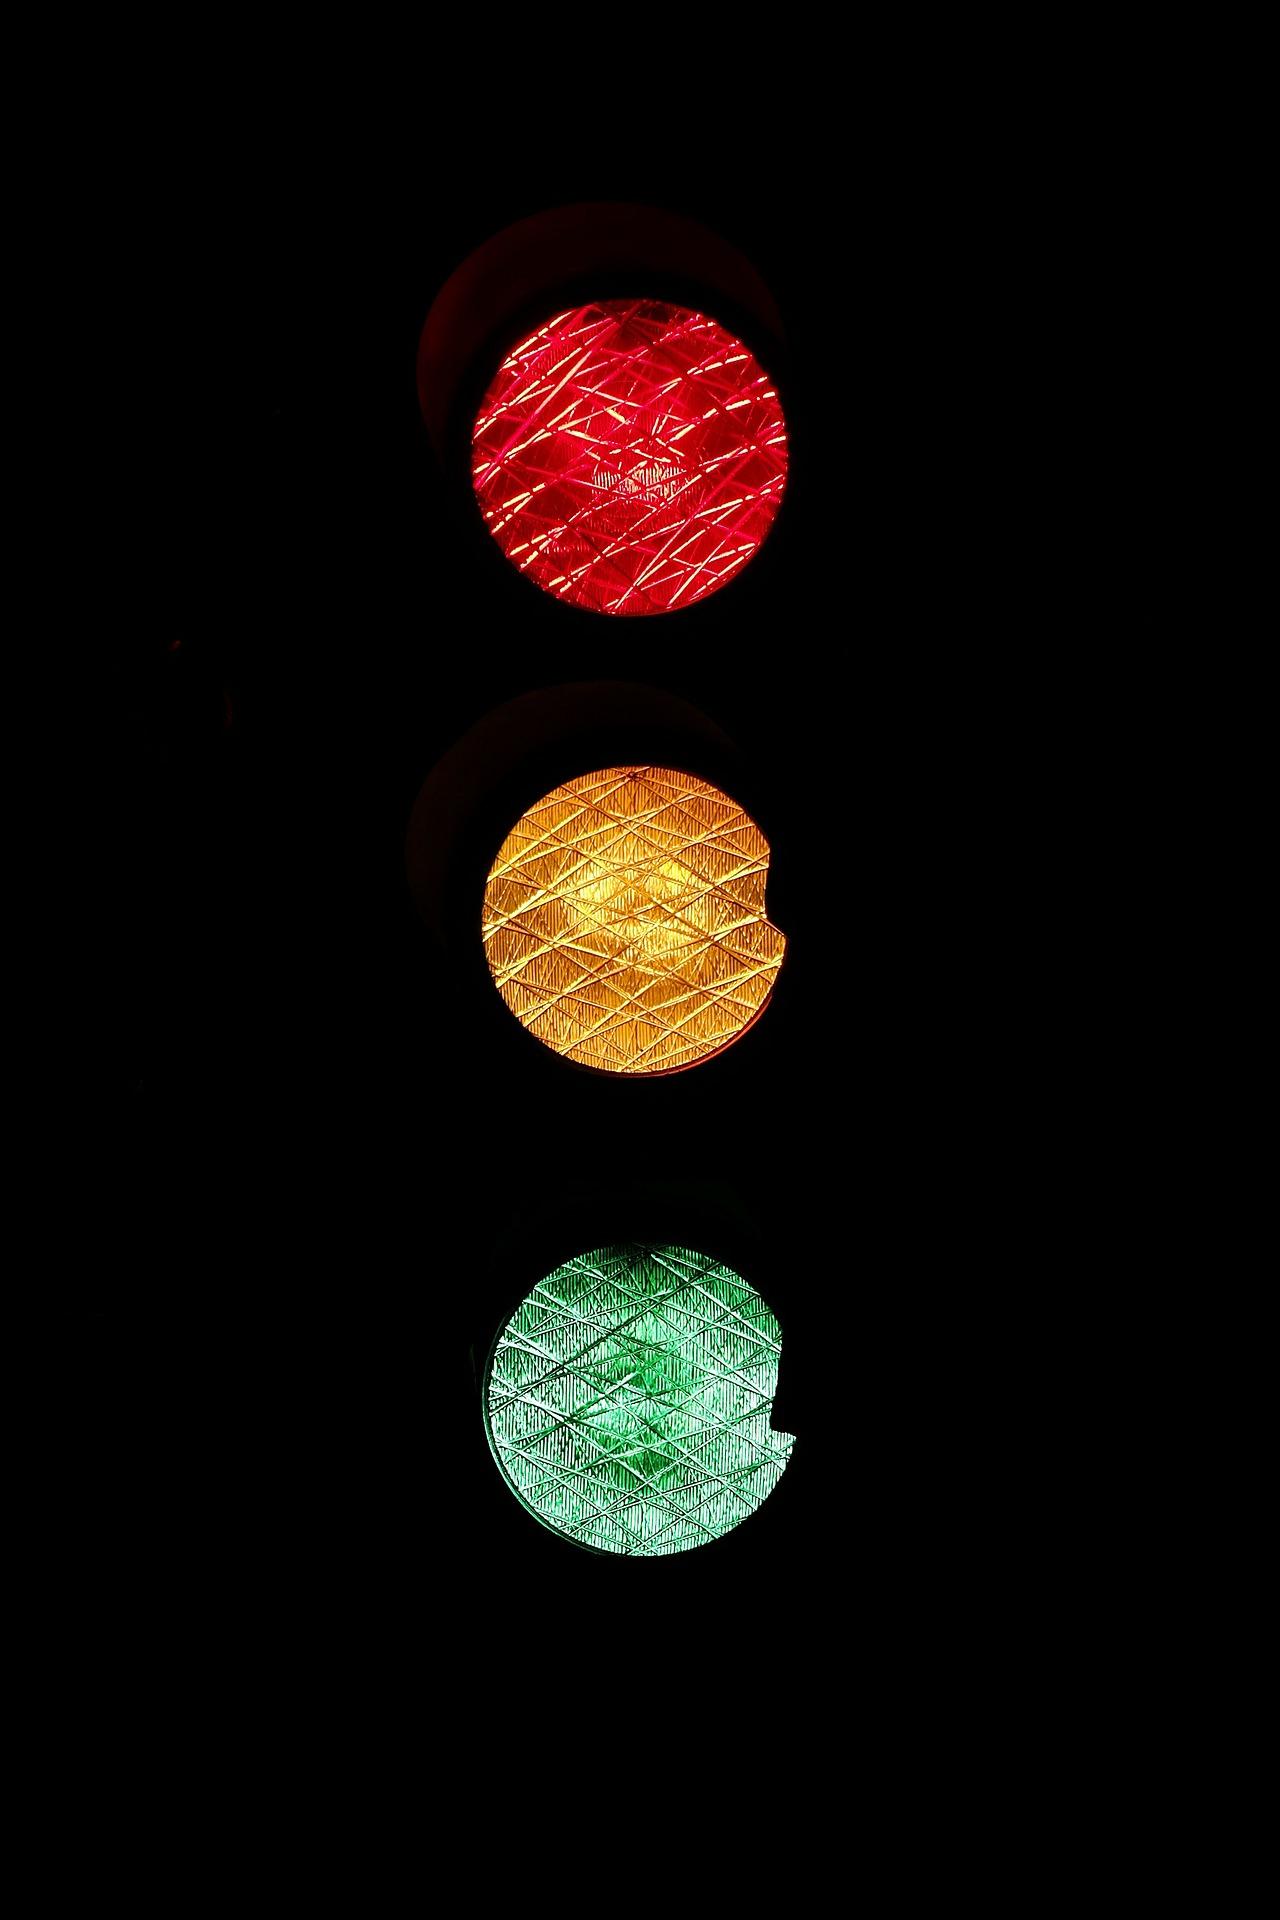 traffic-lights-514932_1920.jpg